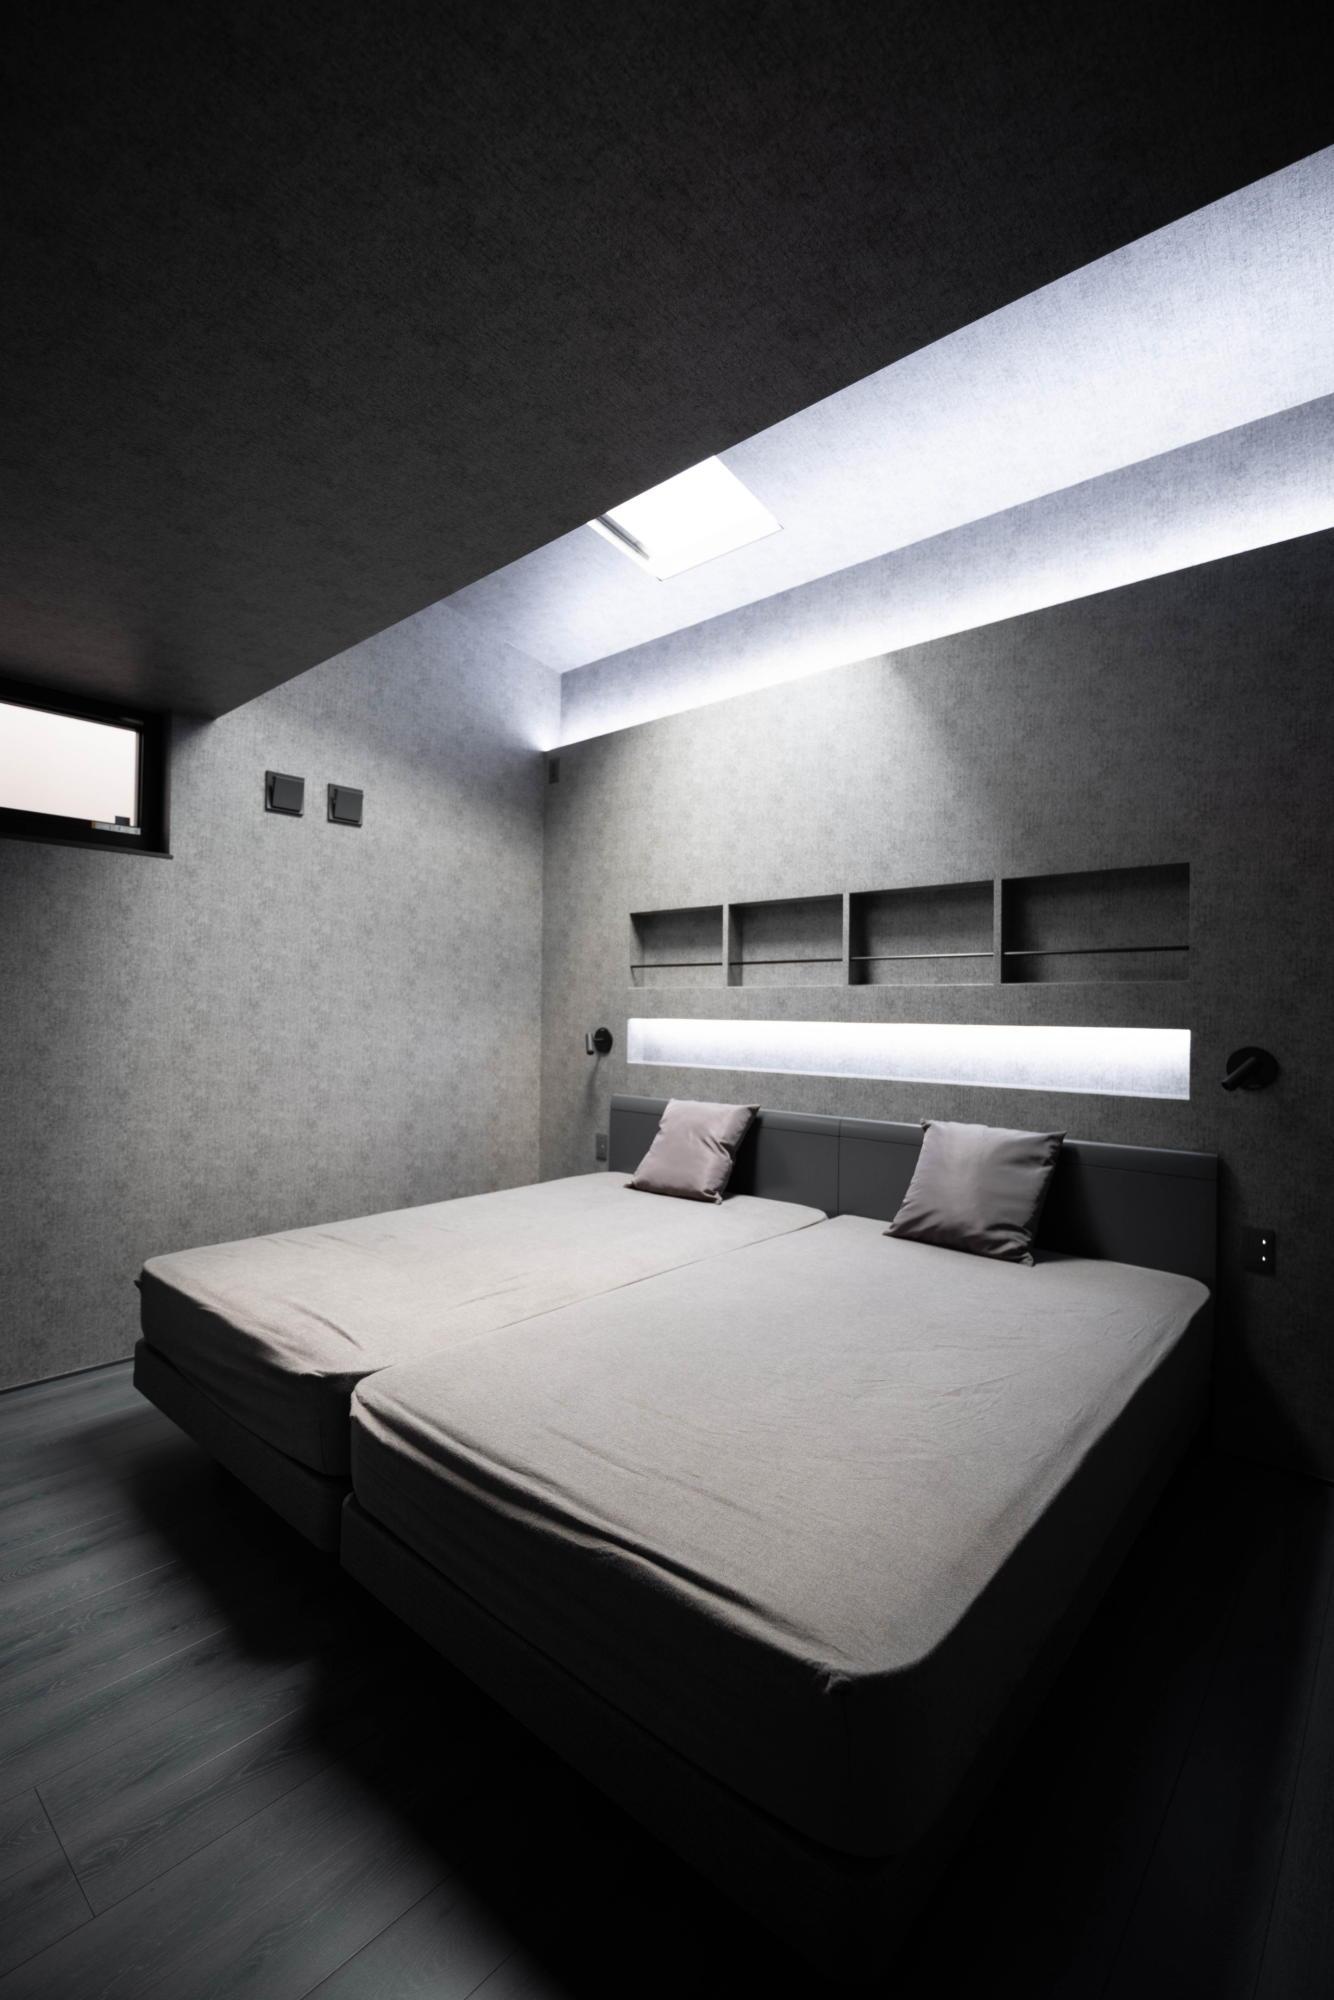 ブラックコーディネートの家 寝室 間接照明